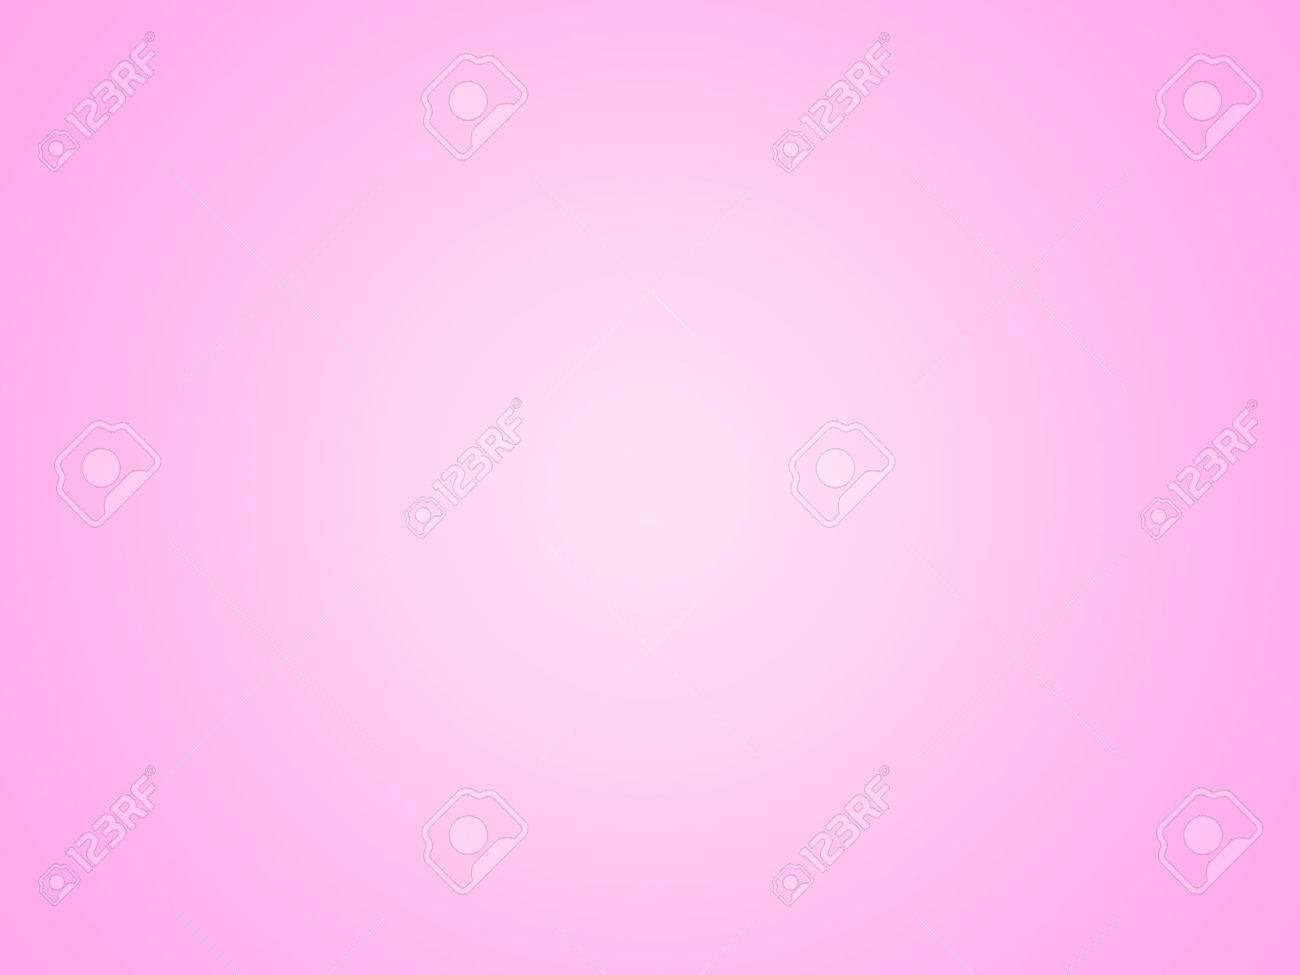 pink gradient wallpaper - 51246228